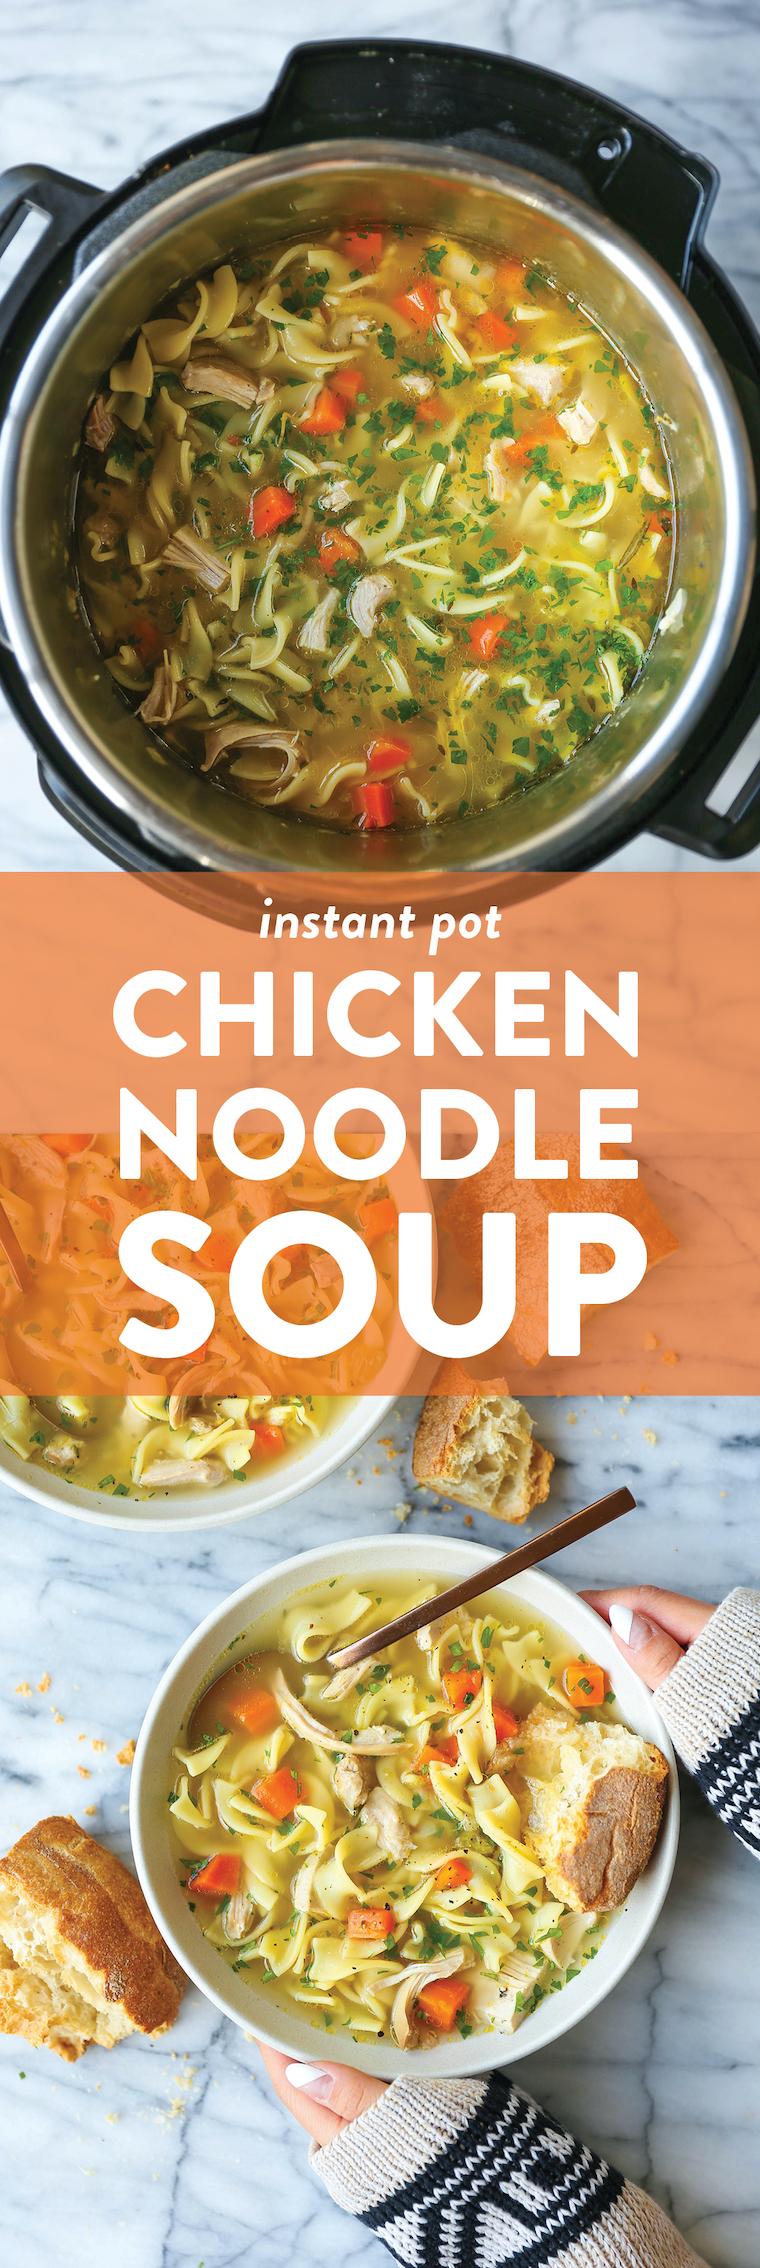 The Instant Pot Chicken Noodle Soup